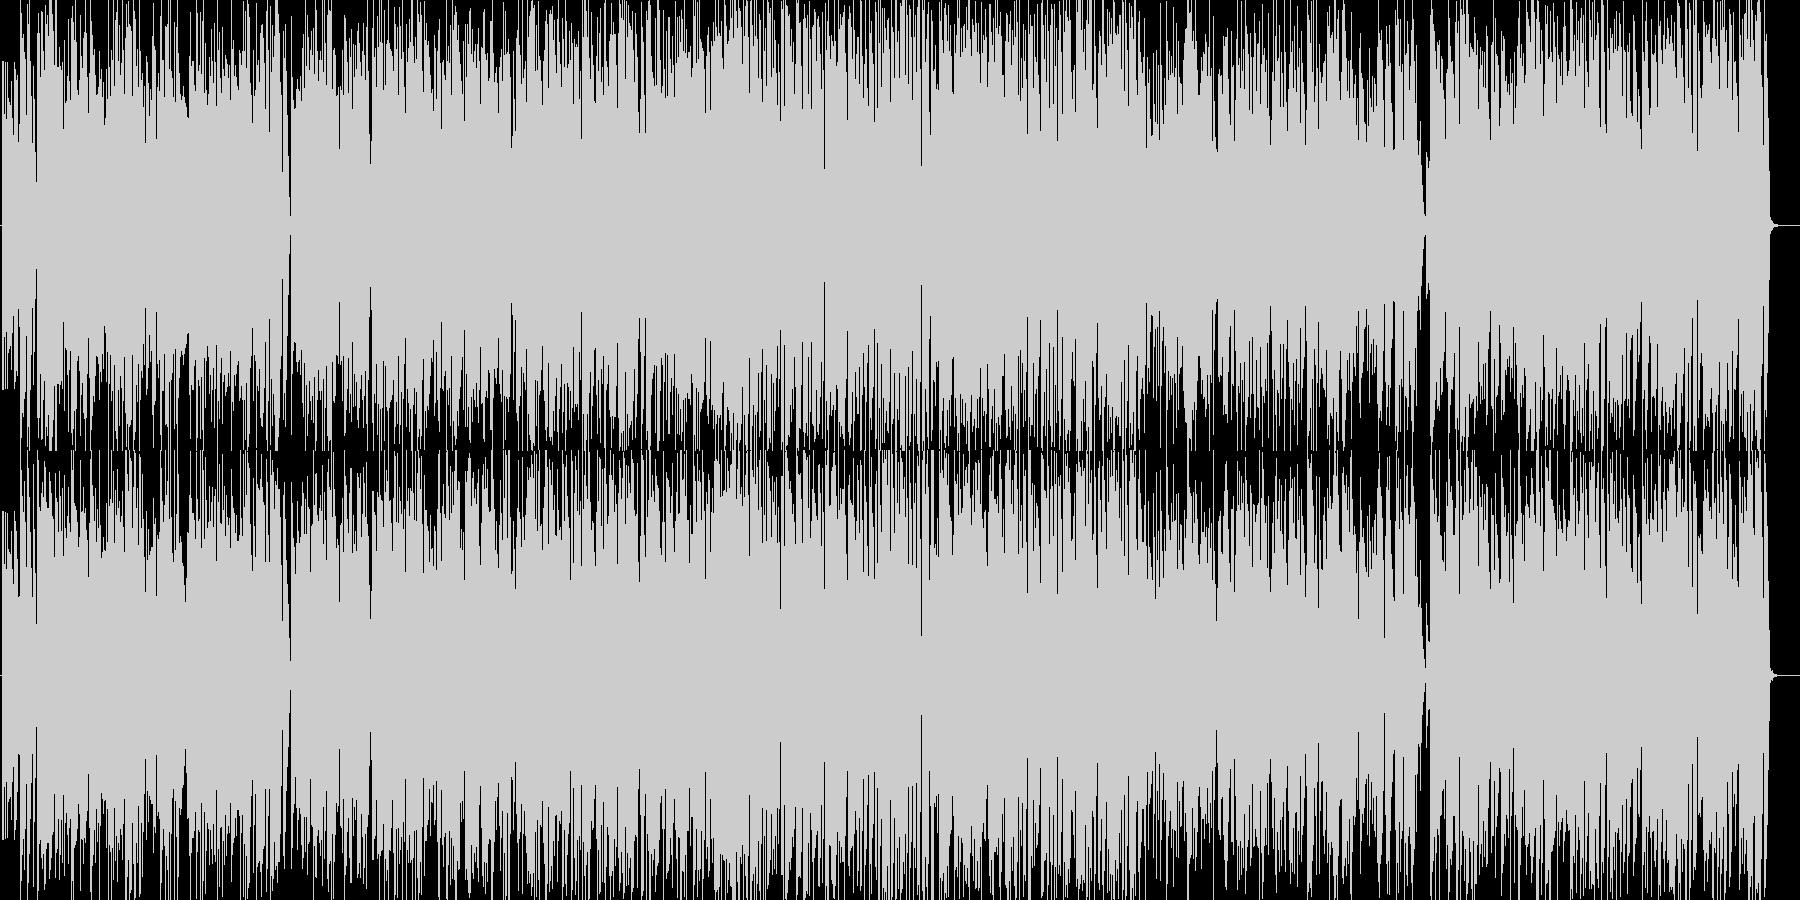 一月一日のジャズピアノトリオの未再生の波形